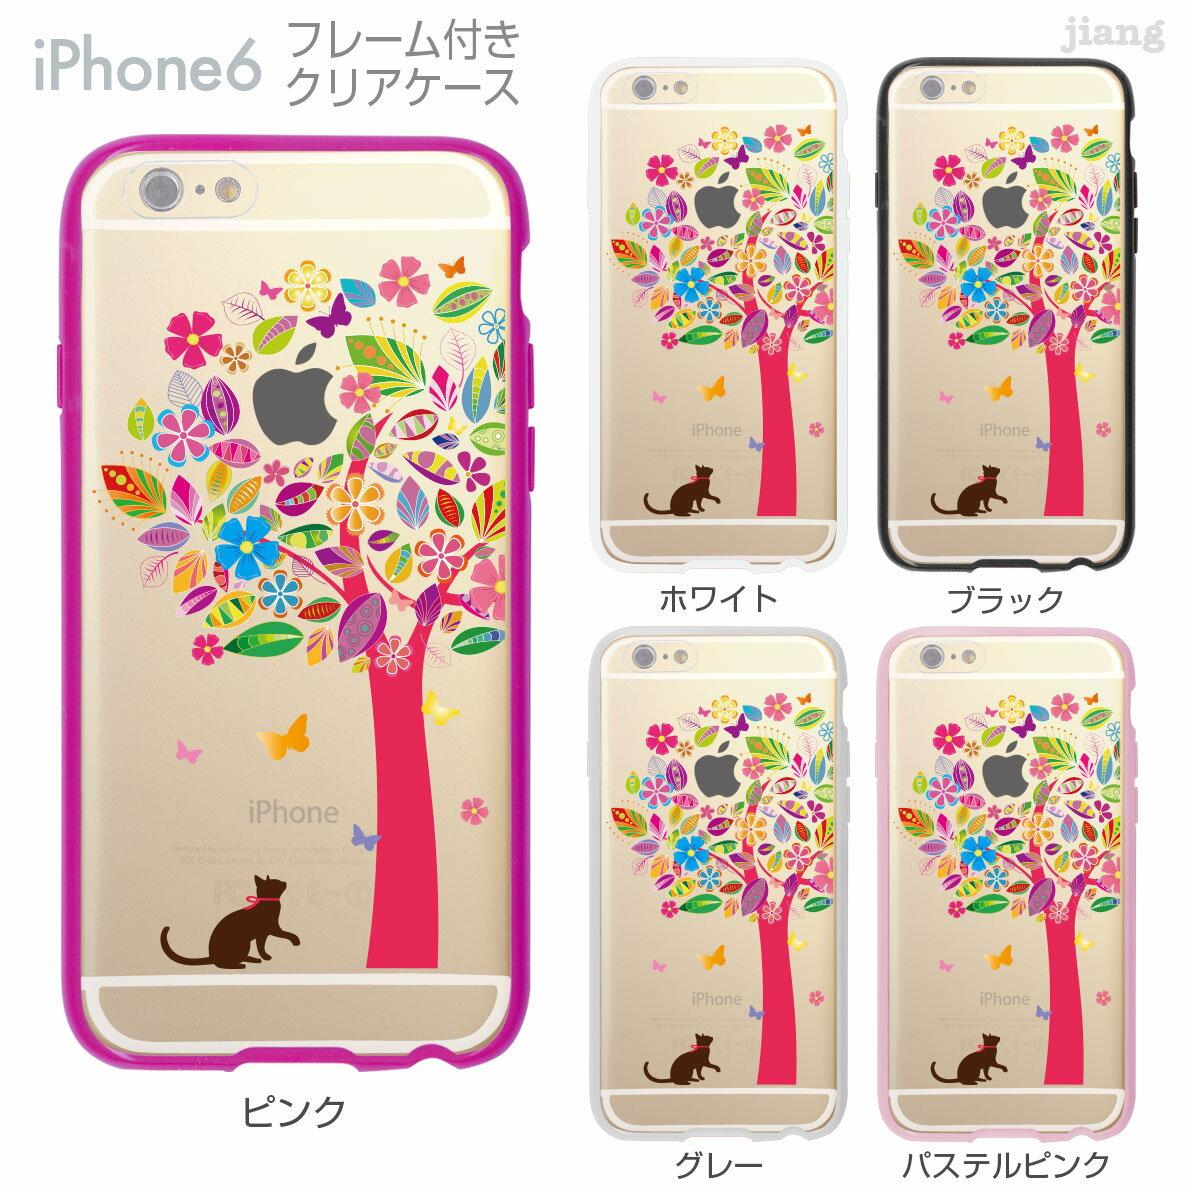 iPhone6s iPhone6 ケース バンパー カバー スマホケース クリアケース ハードケース ジアン jiang 着せ替え イラスト かわいい Clear Arts 花とネコ2 22-ip6-f0121